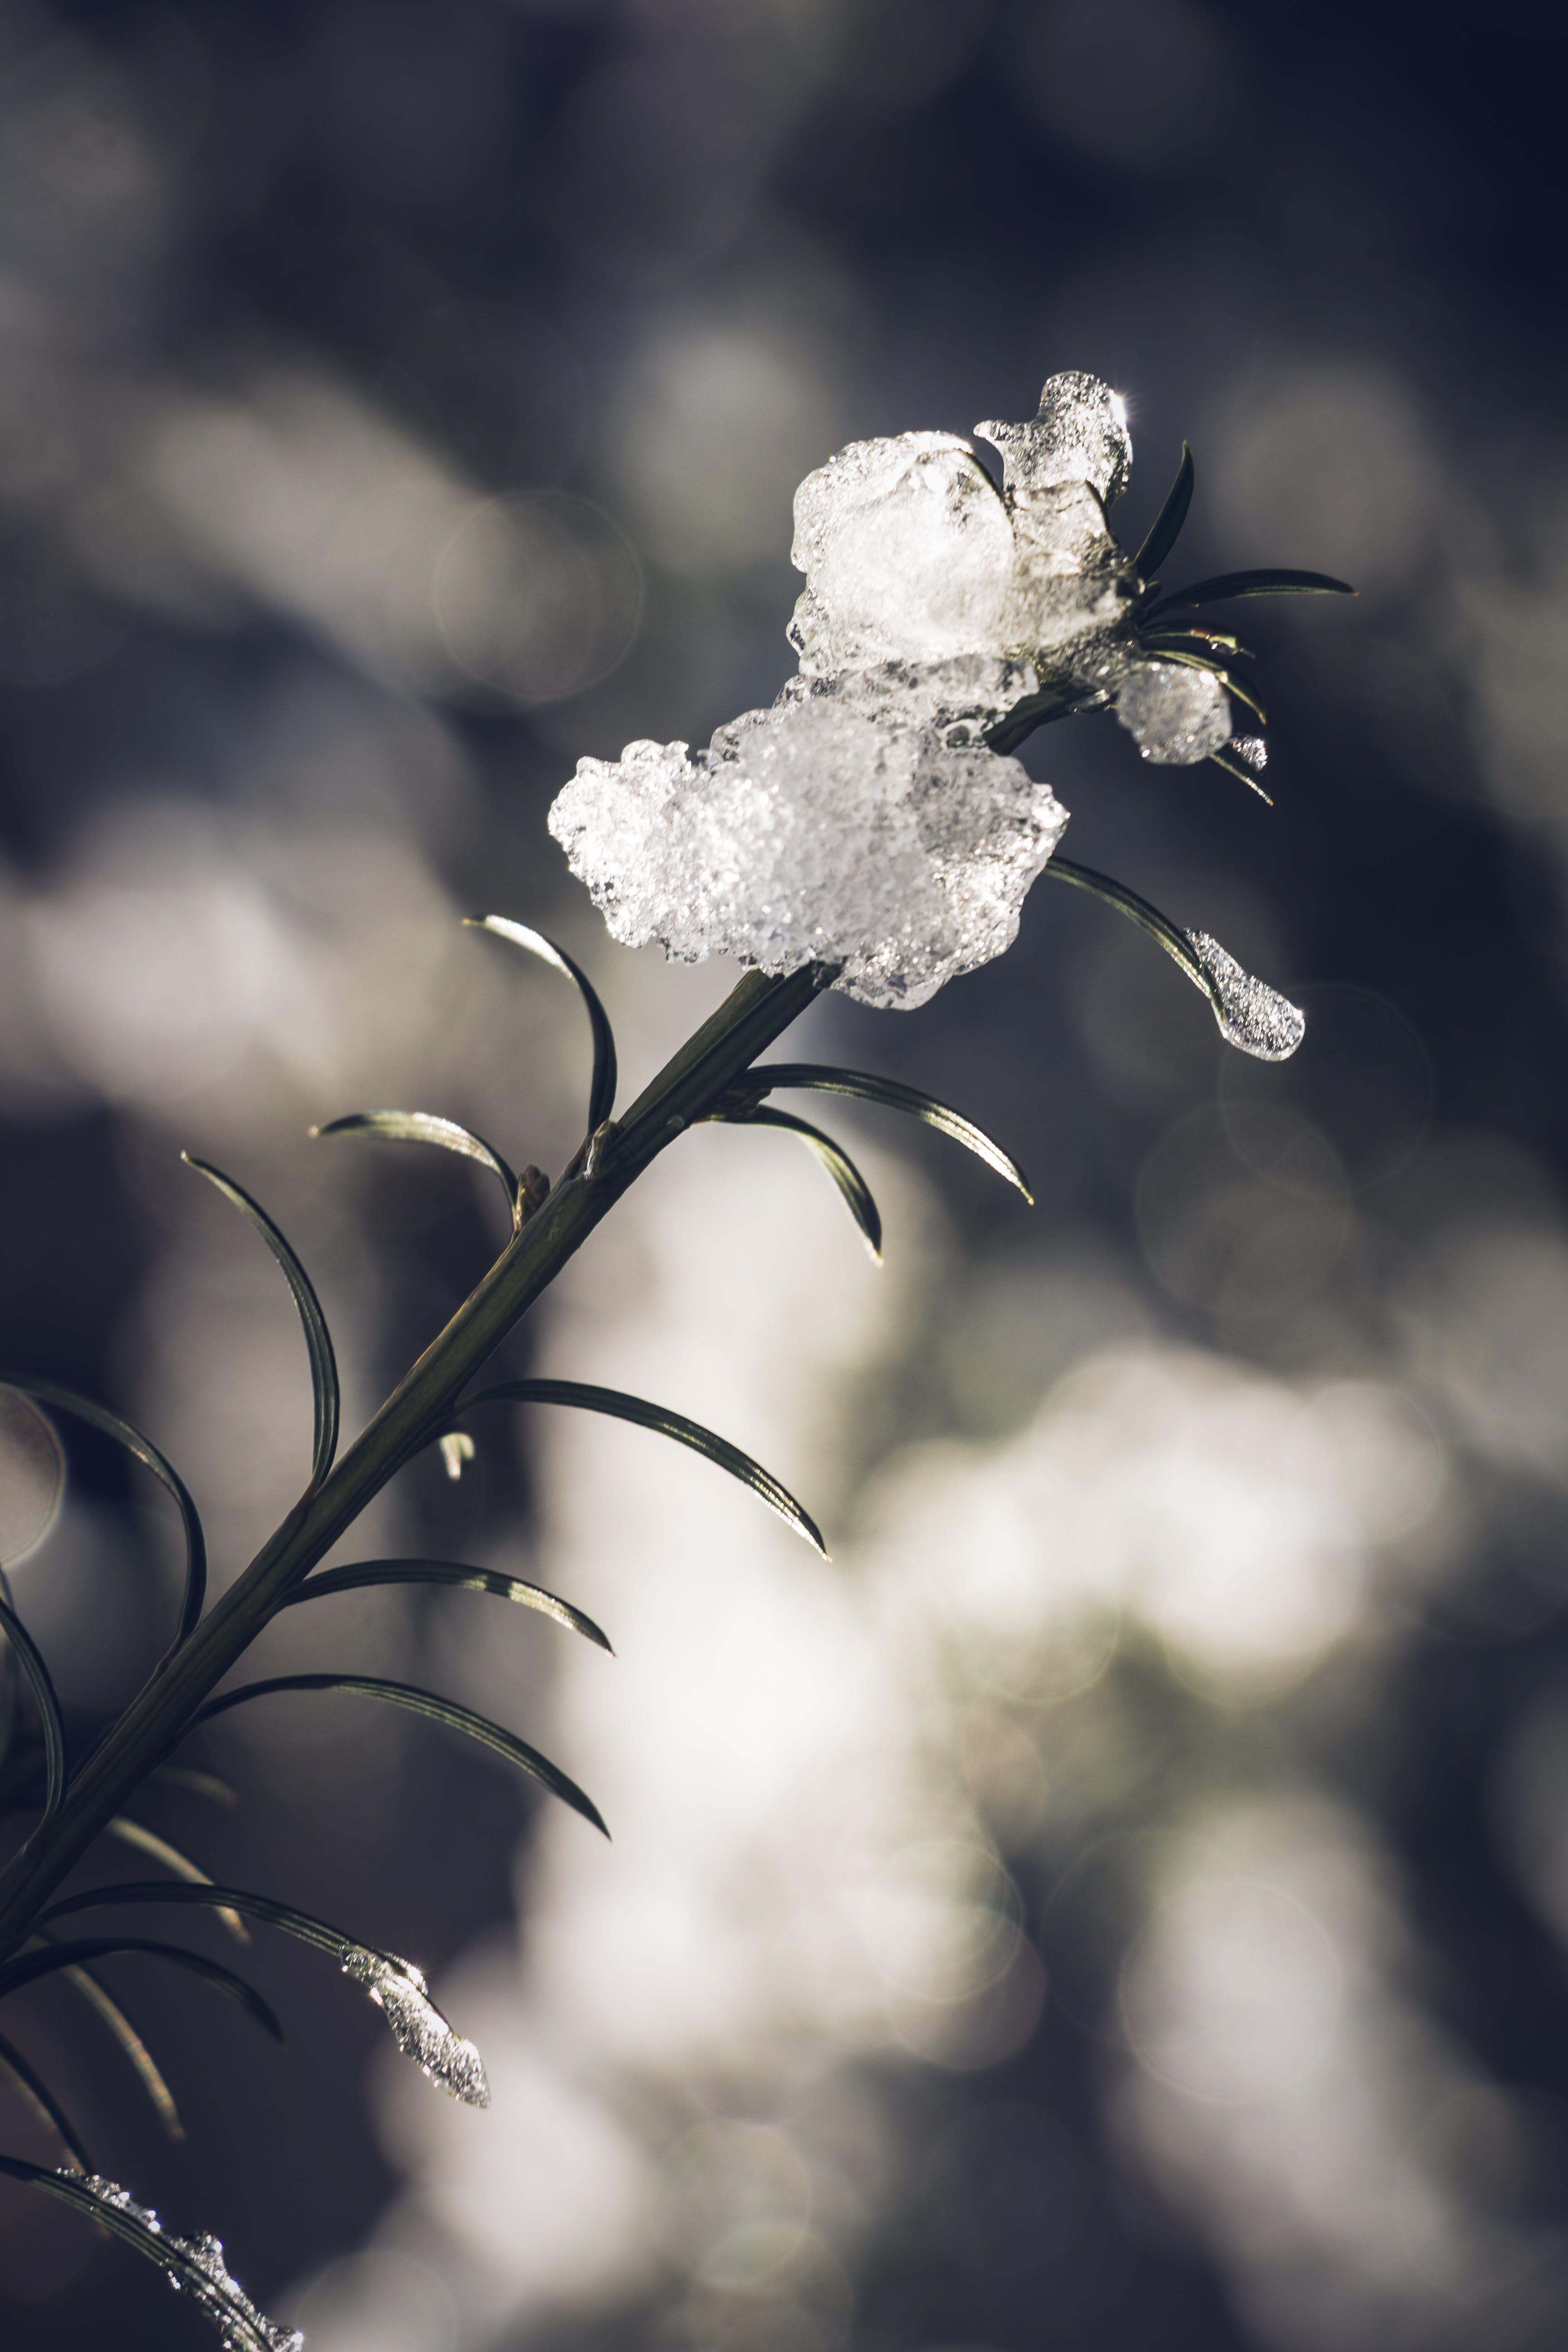 감기, 매크로, 서리, 성장의 무료 스톡 사진